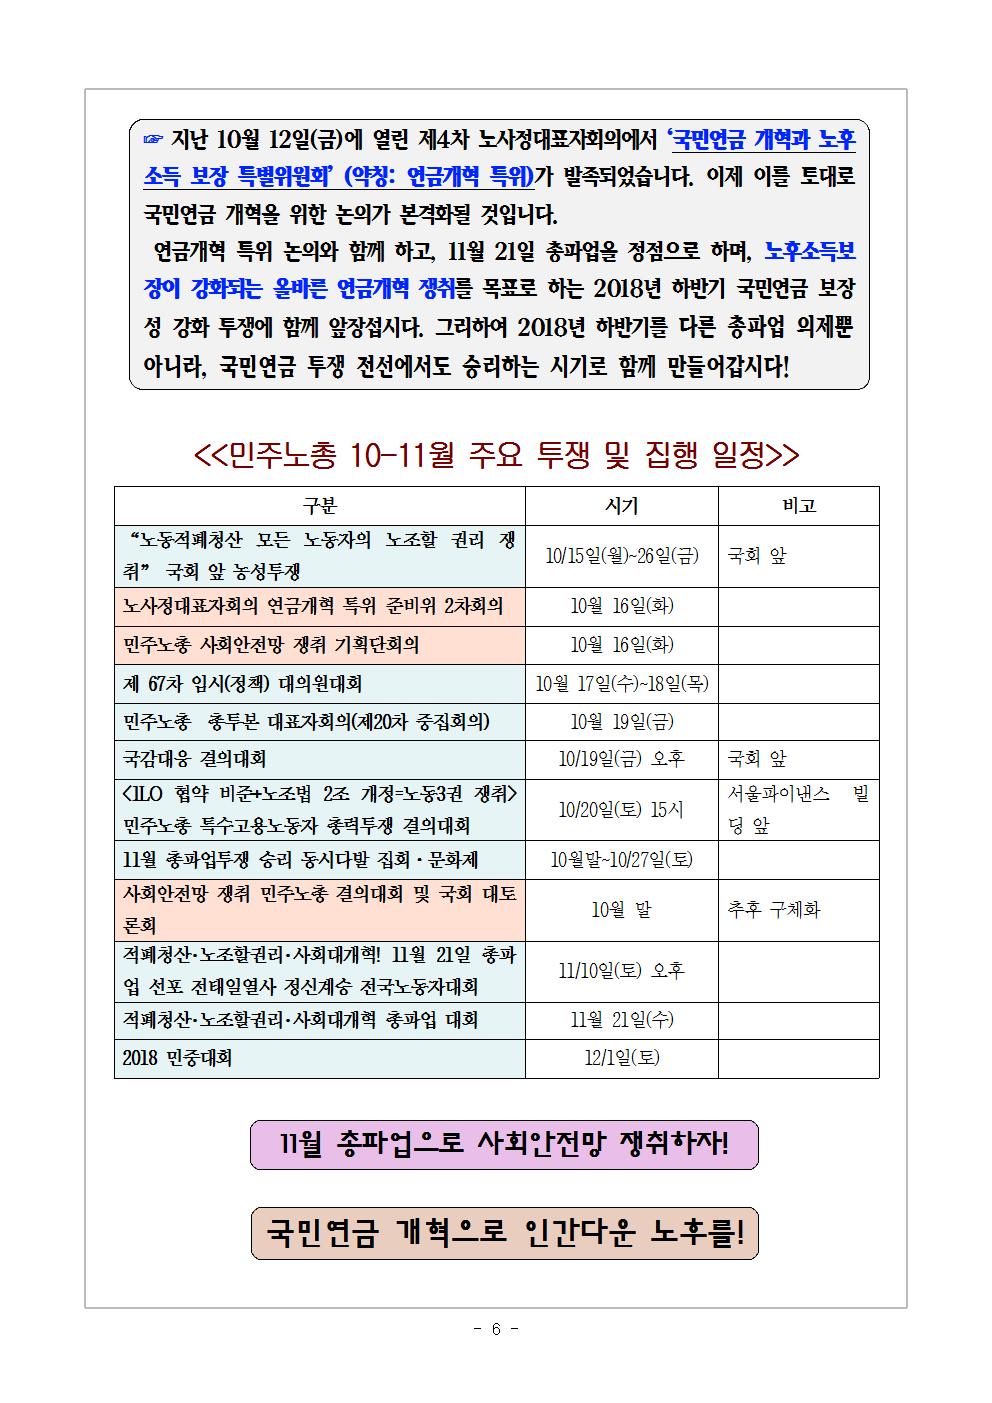 [2018 교육지-10] 국민연금 개혁 6대 요구안006.png